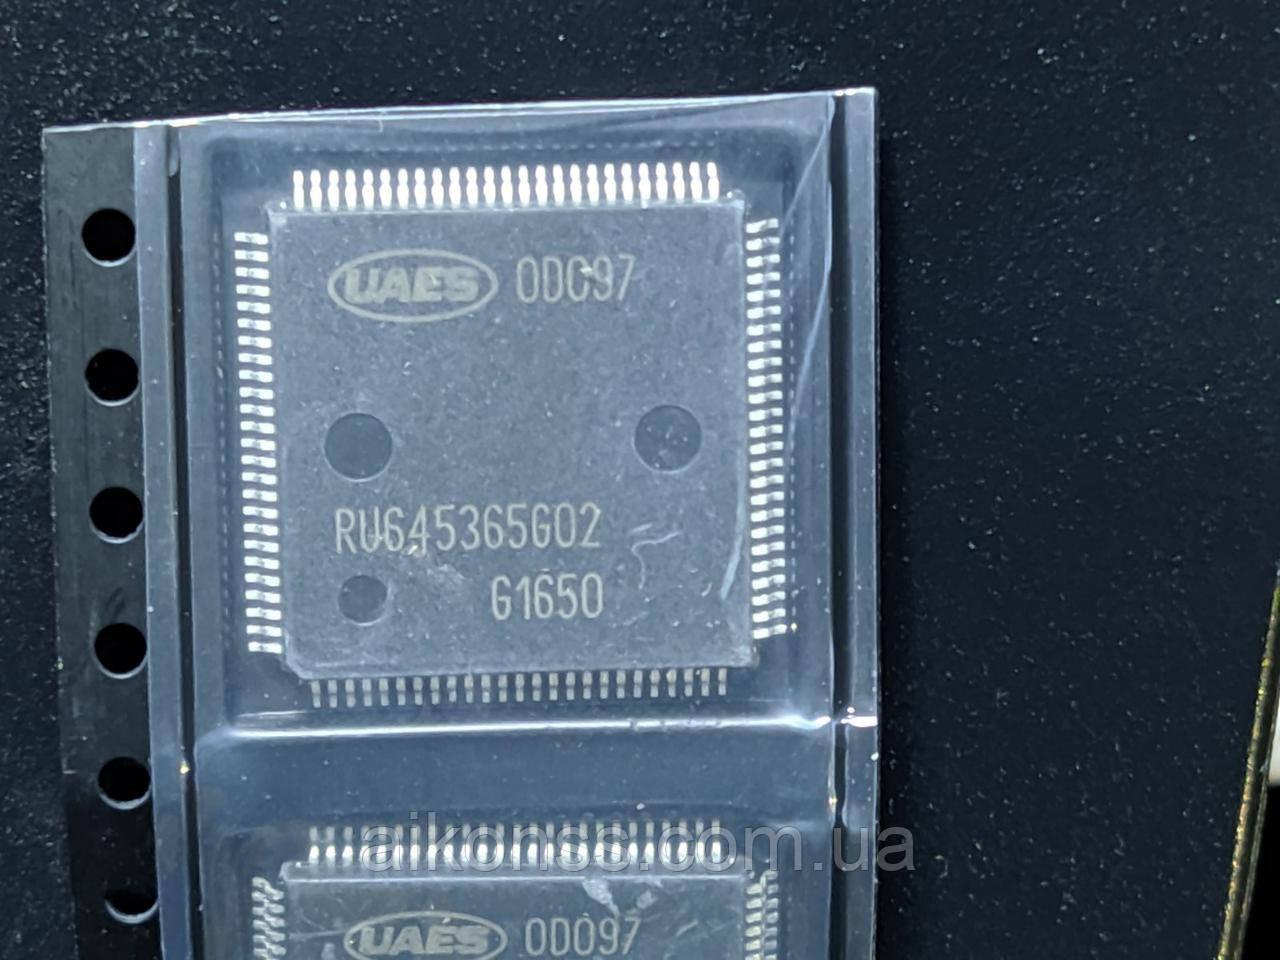 Мікросхема UAES 0D097 BOSCH ME17 управління уприскуванням .